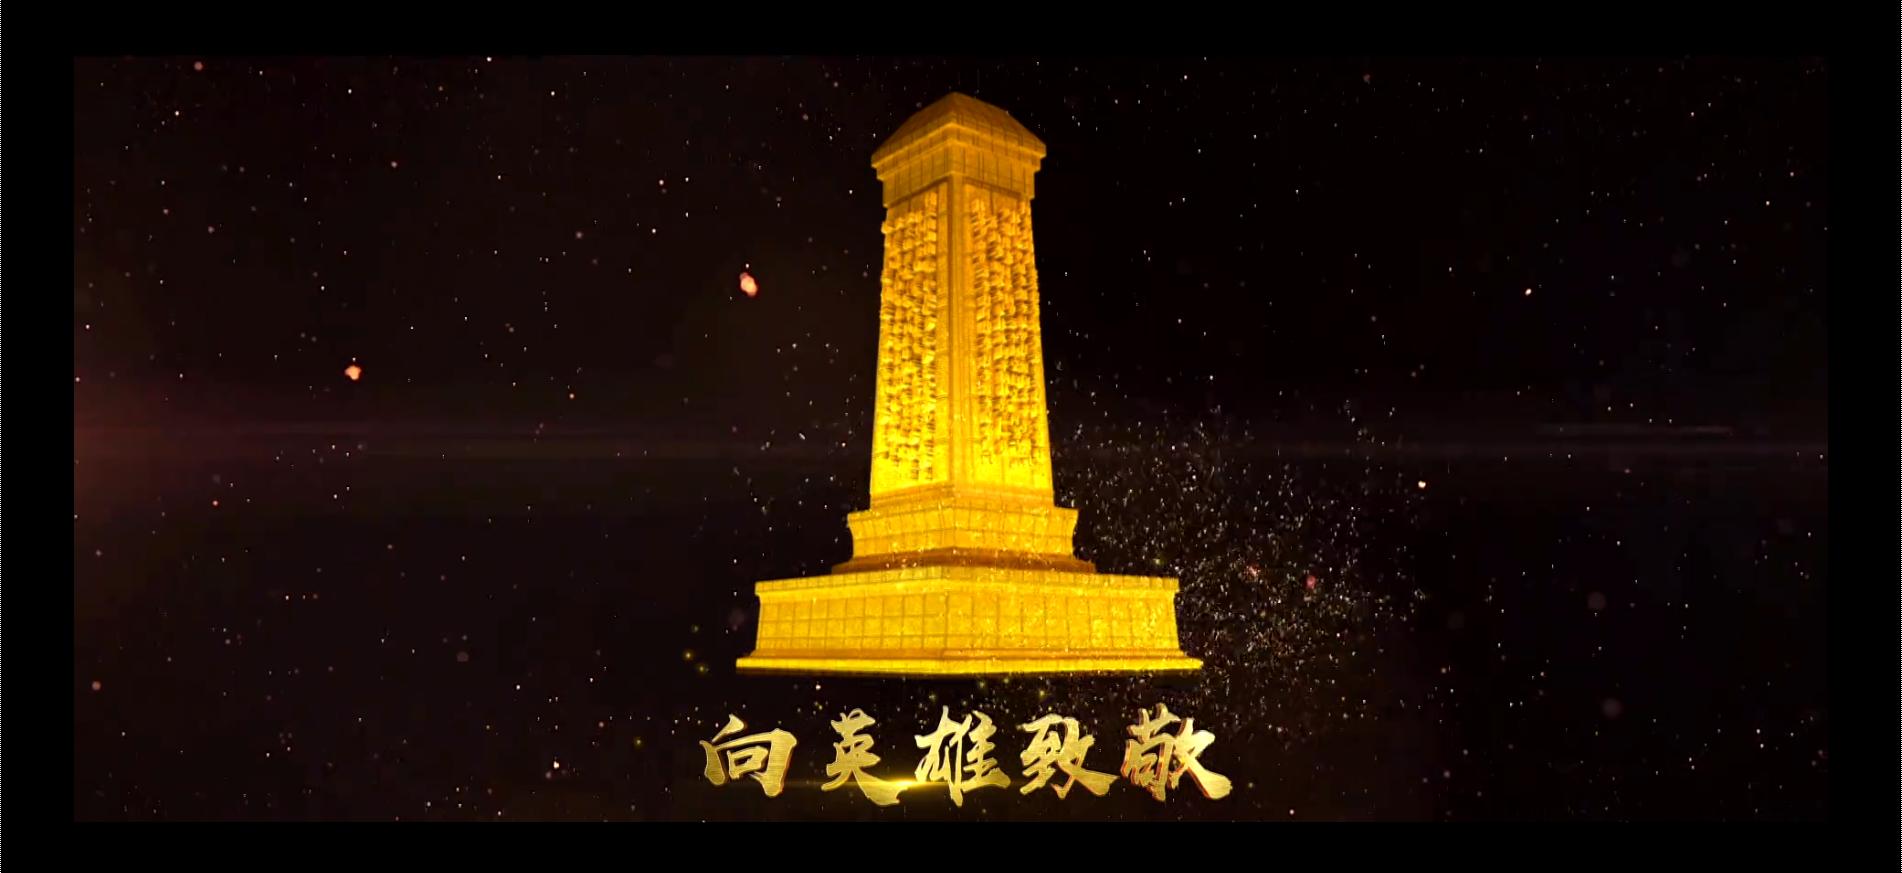 �嵫�MV!不老的《英雄�歌》